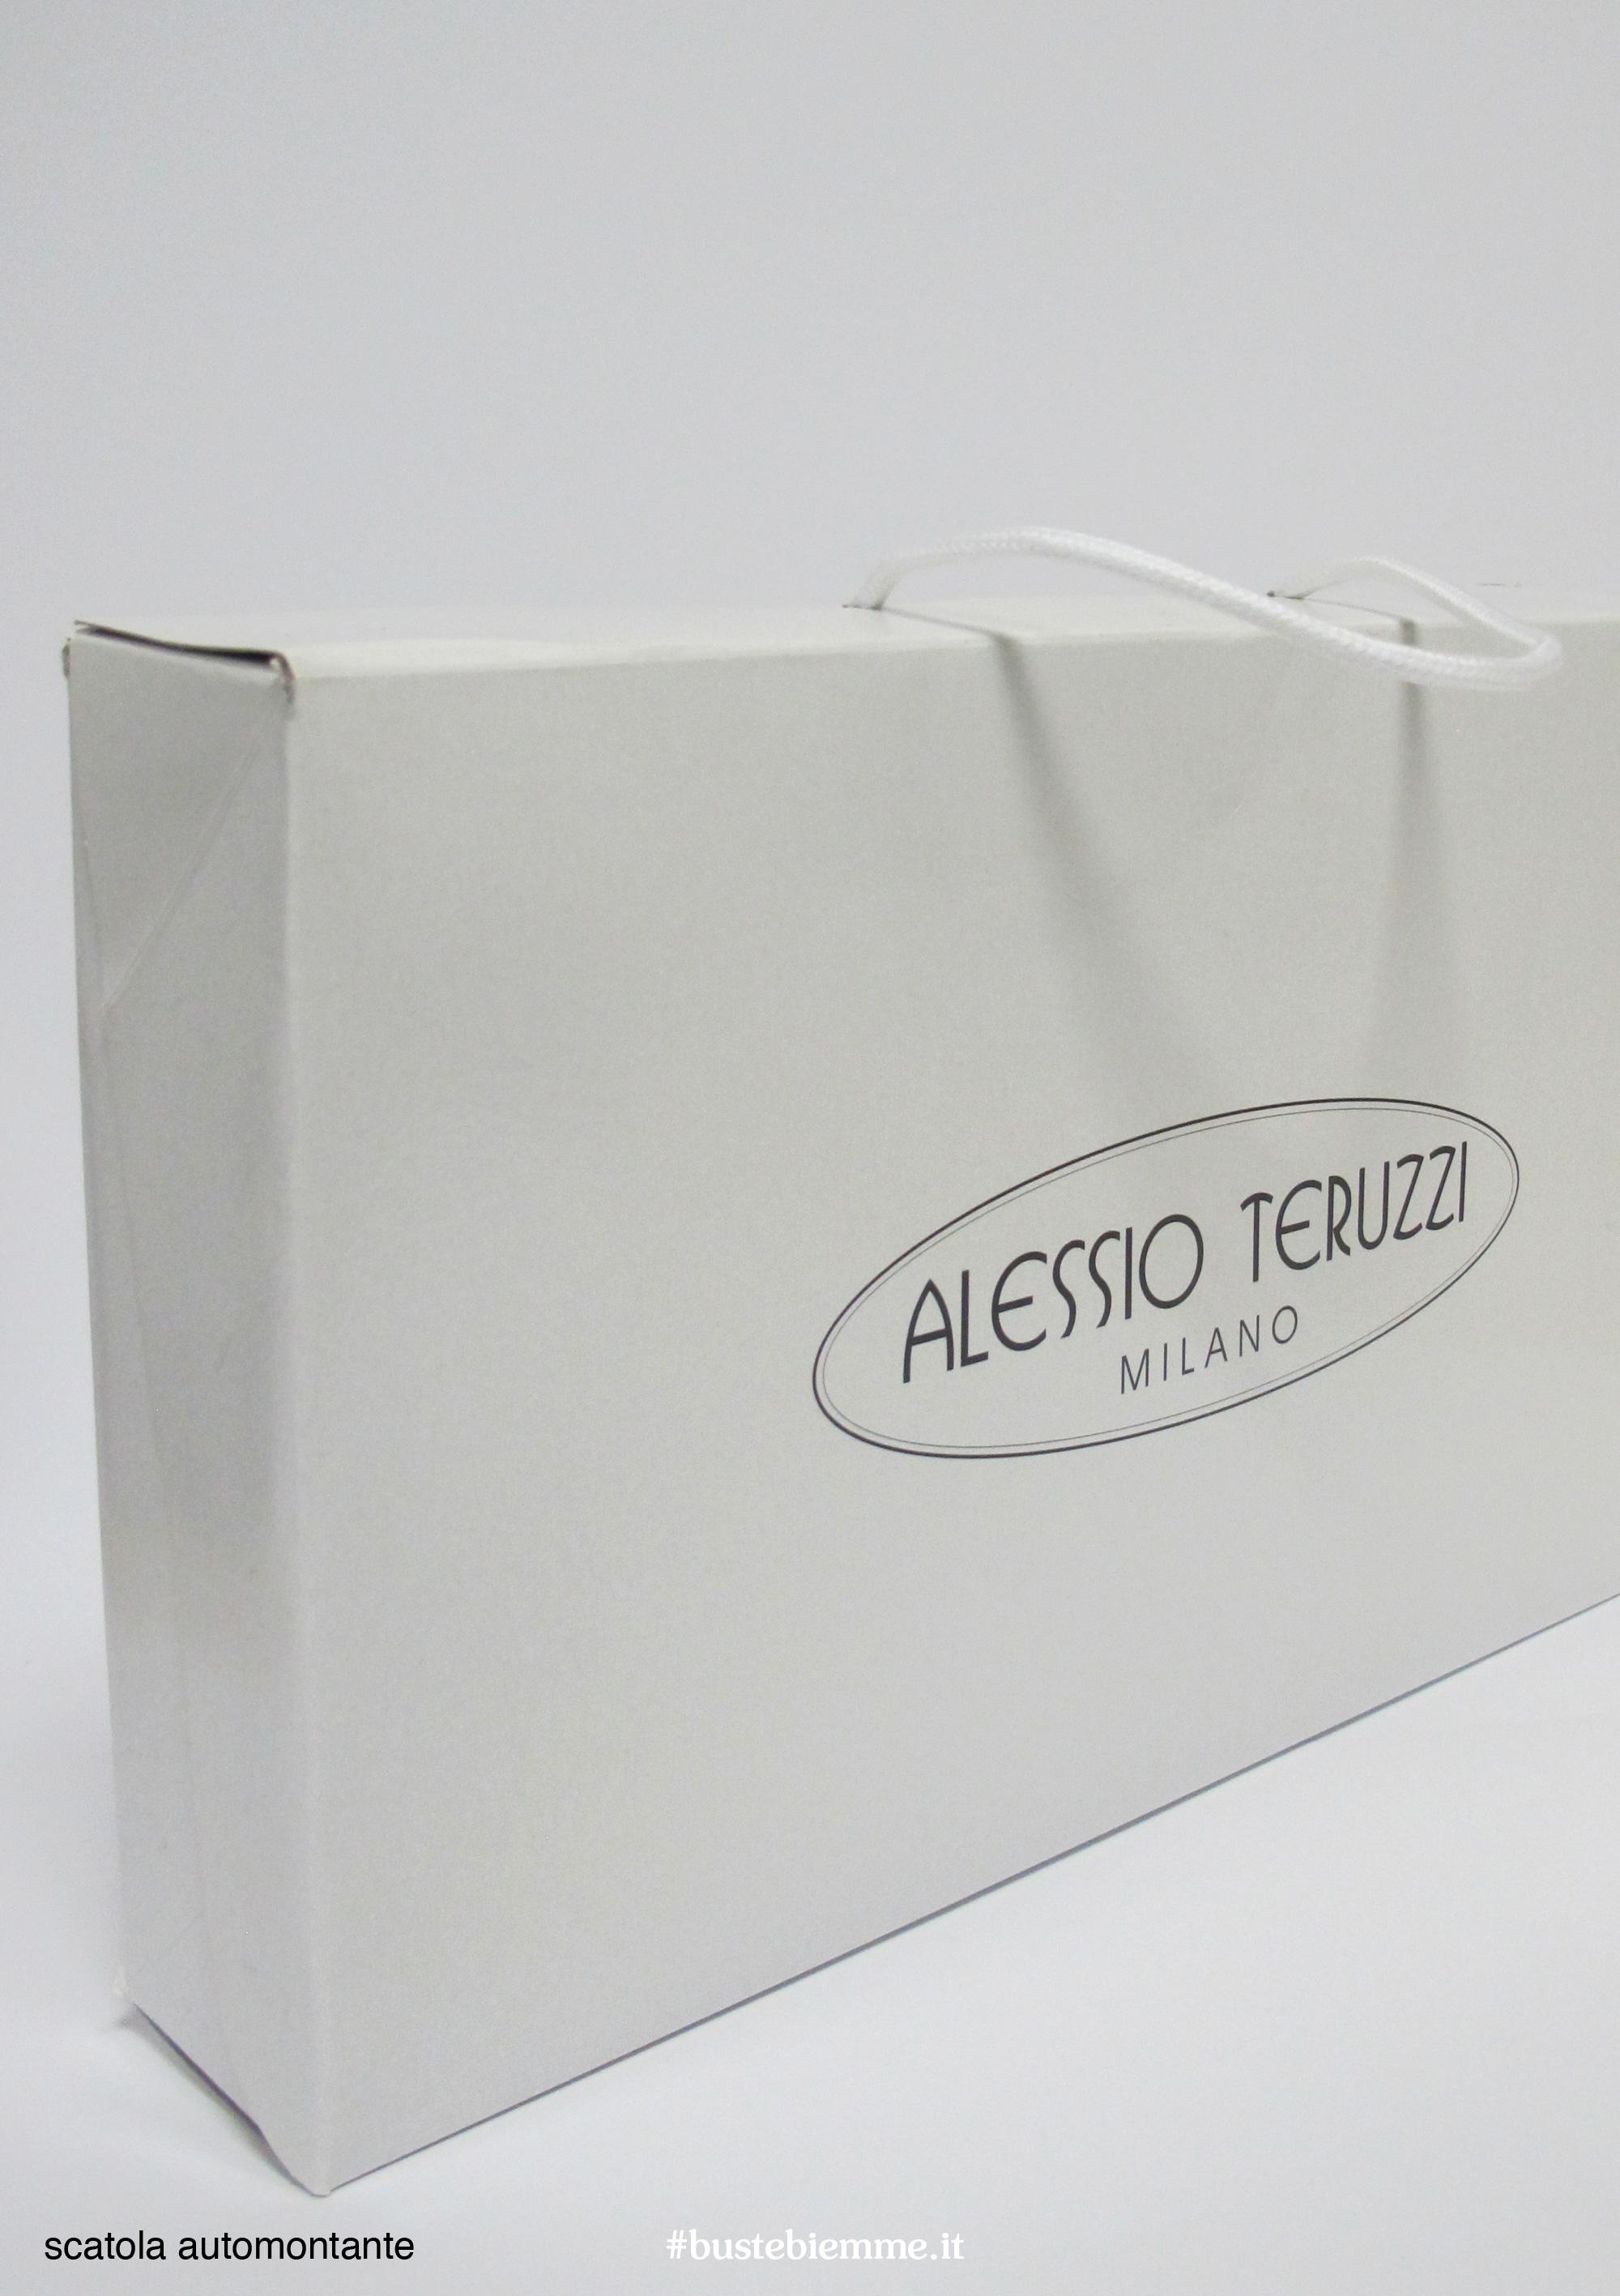 scatola automontante valigetta